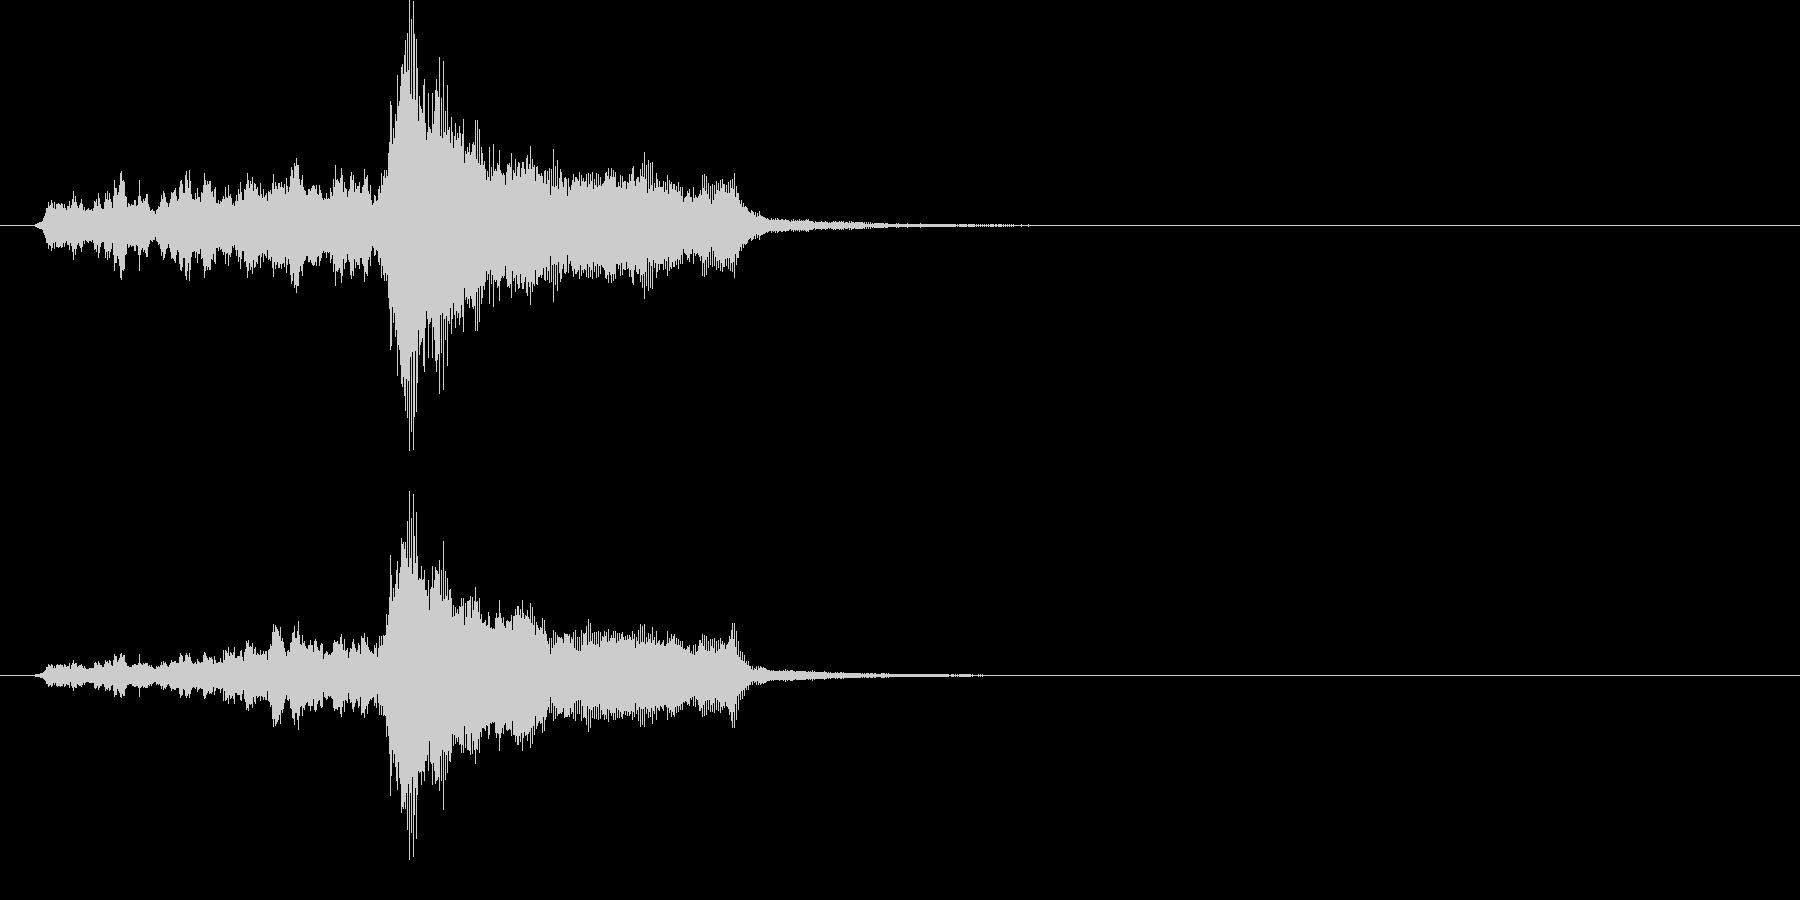 ジングル(クラシカル風)の未再生の波形